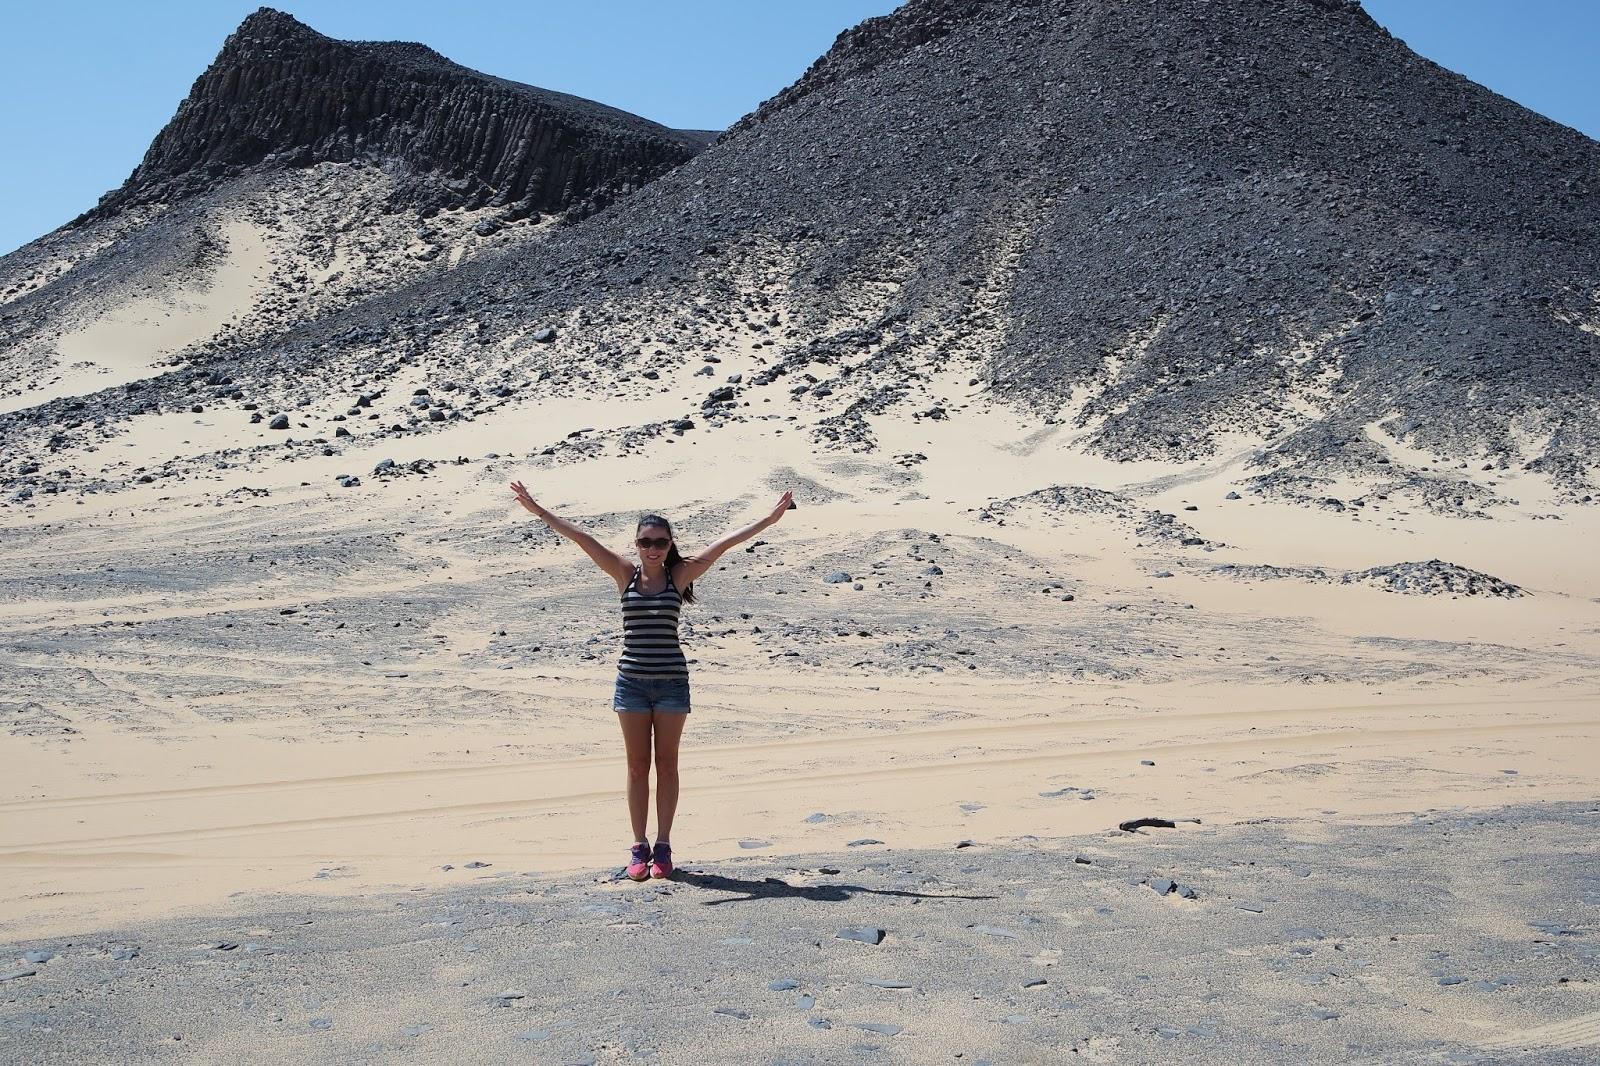 saara egito deserto preto